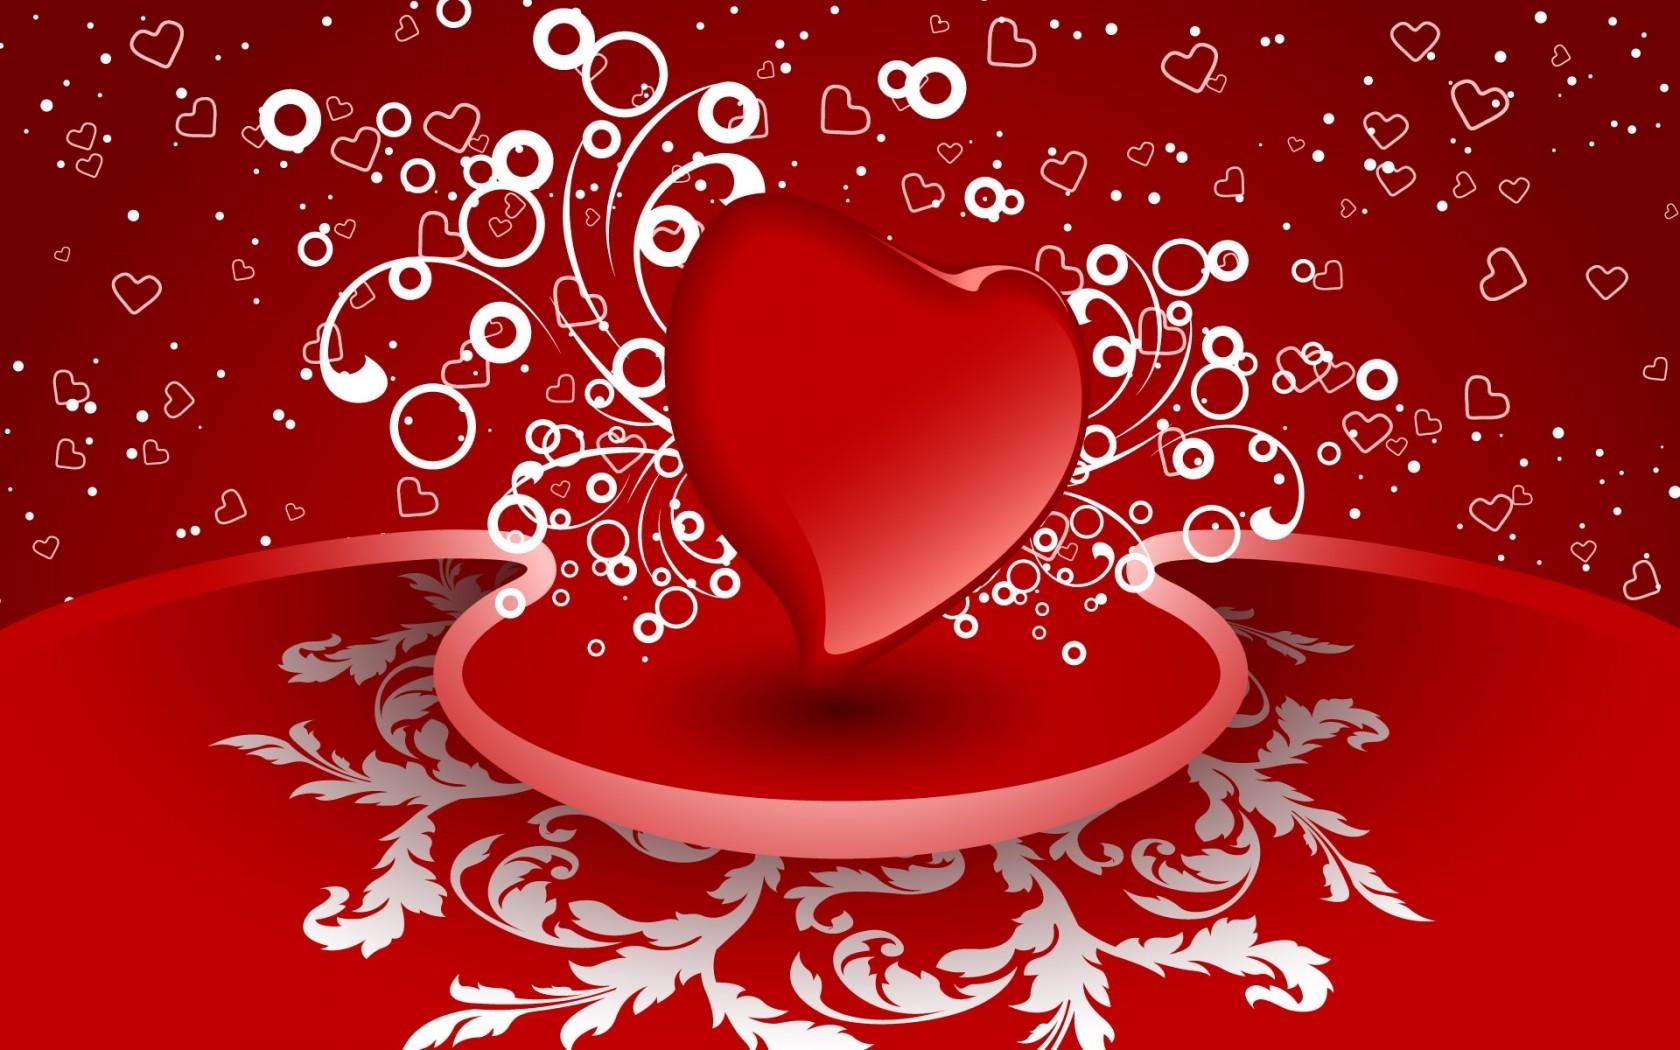 Valentine Background Wallpaper 1680x1050 68346